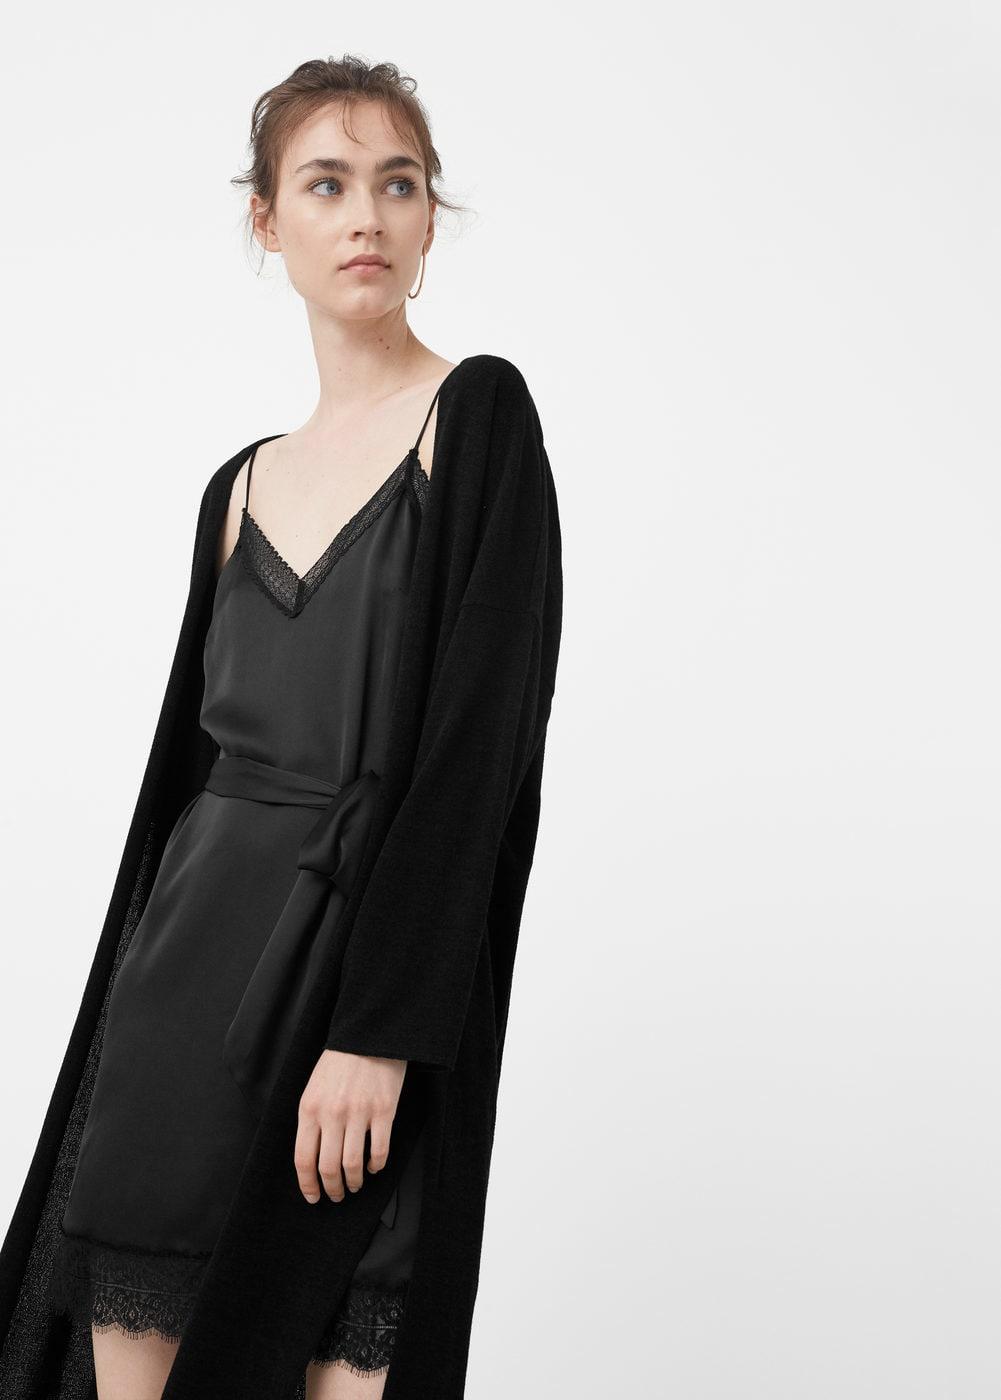 Vestidos Lenceros que podrás encontrar en Rebajas - vestido lencero negro con cinturon